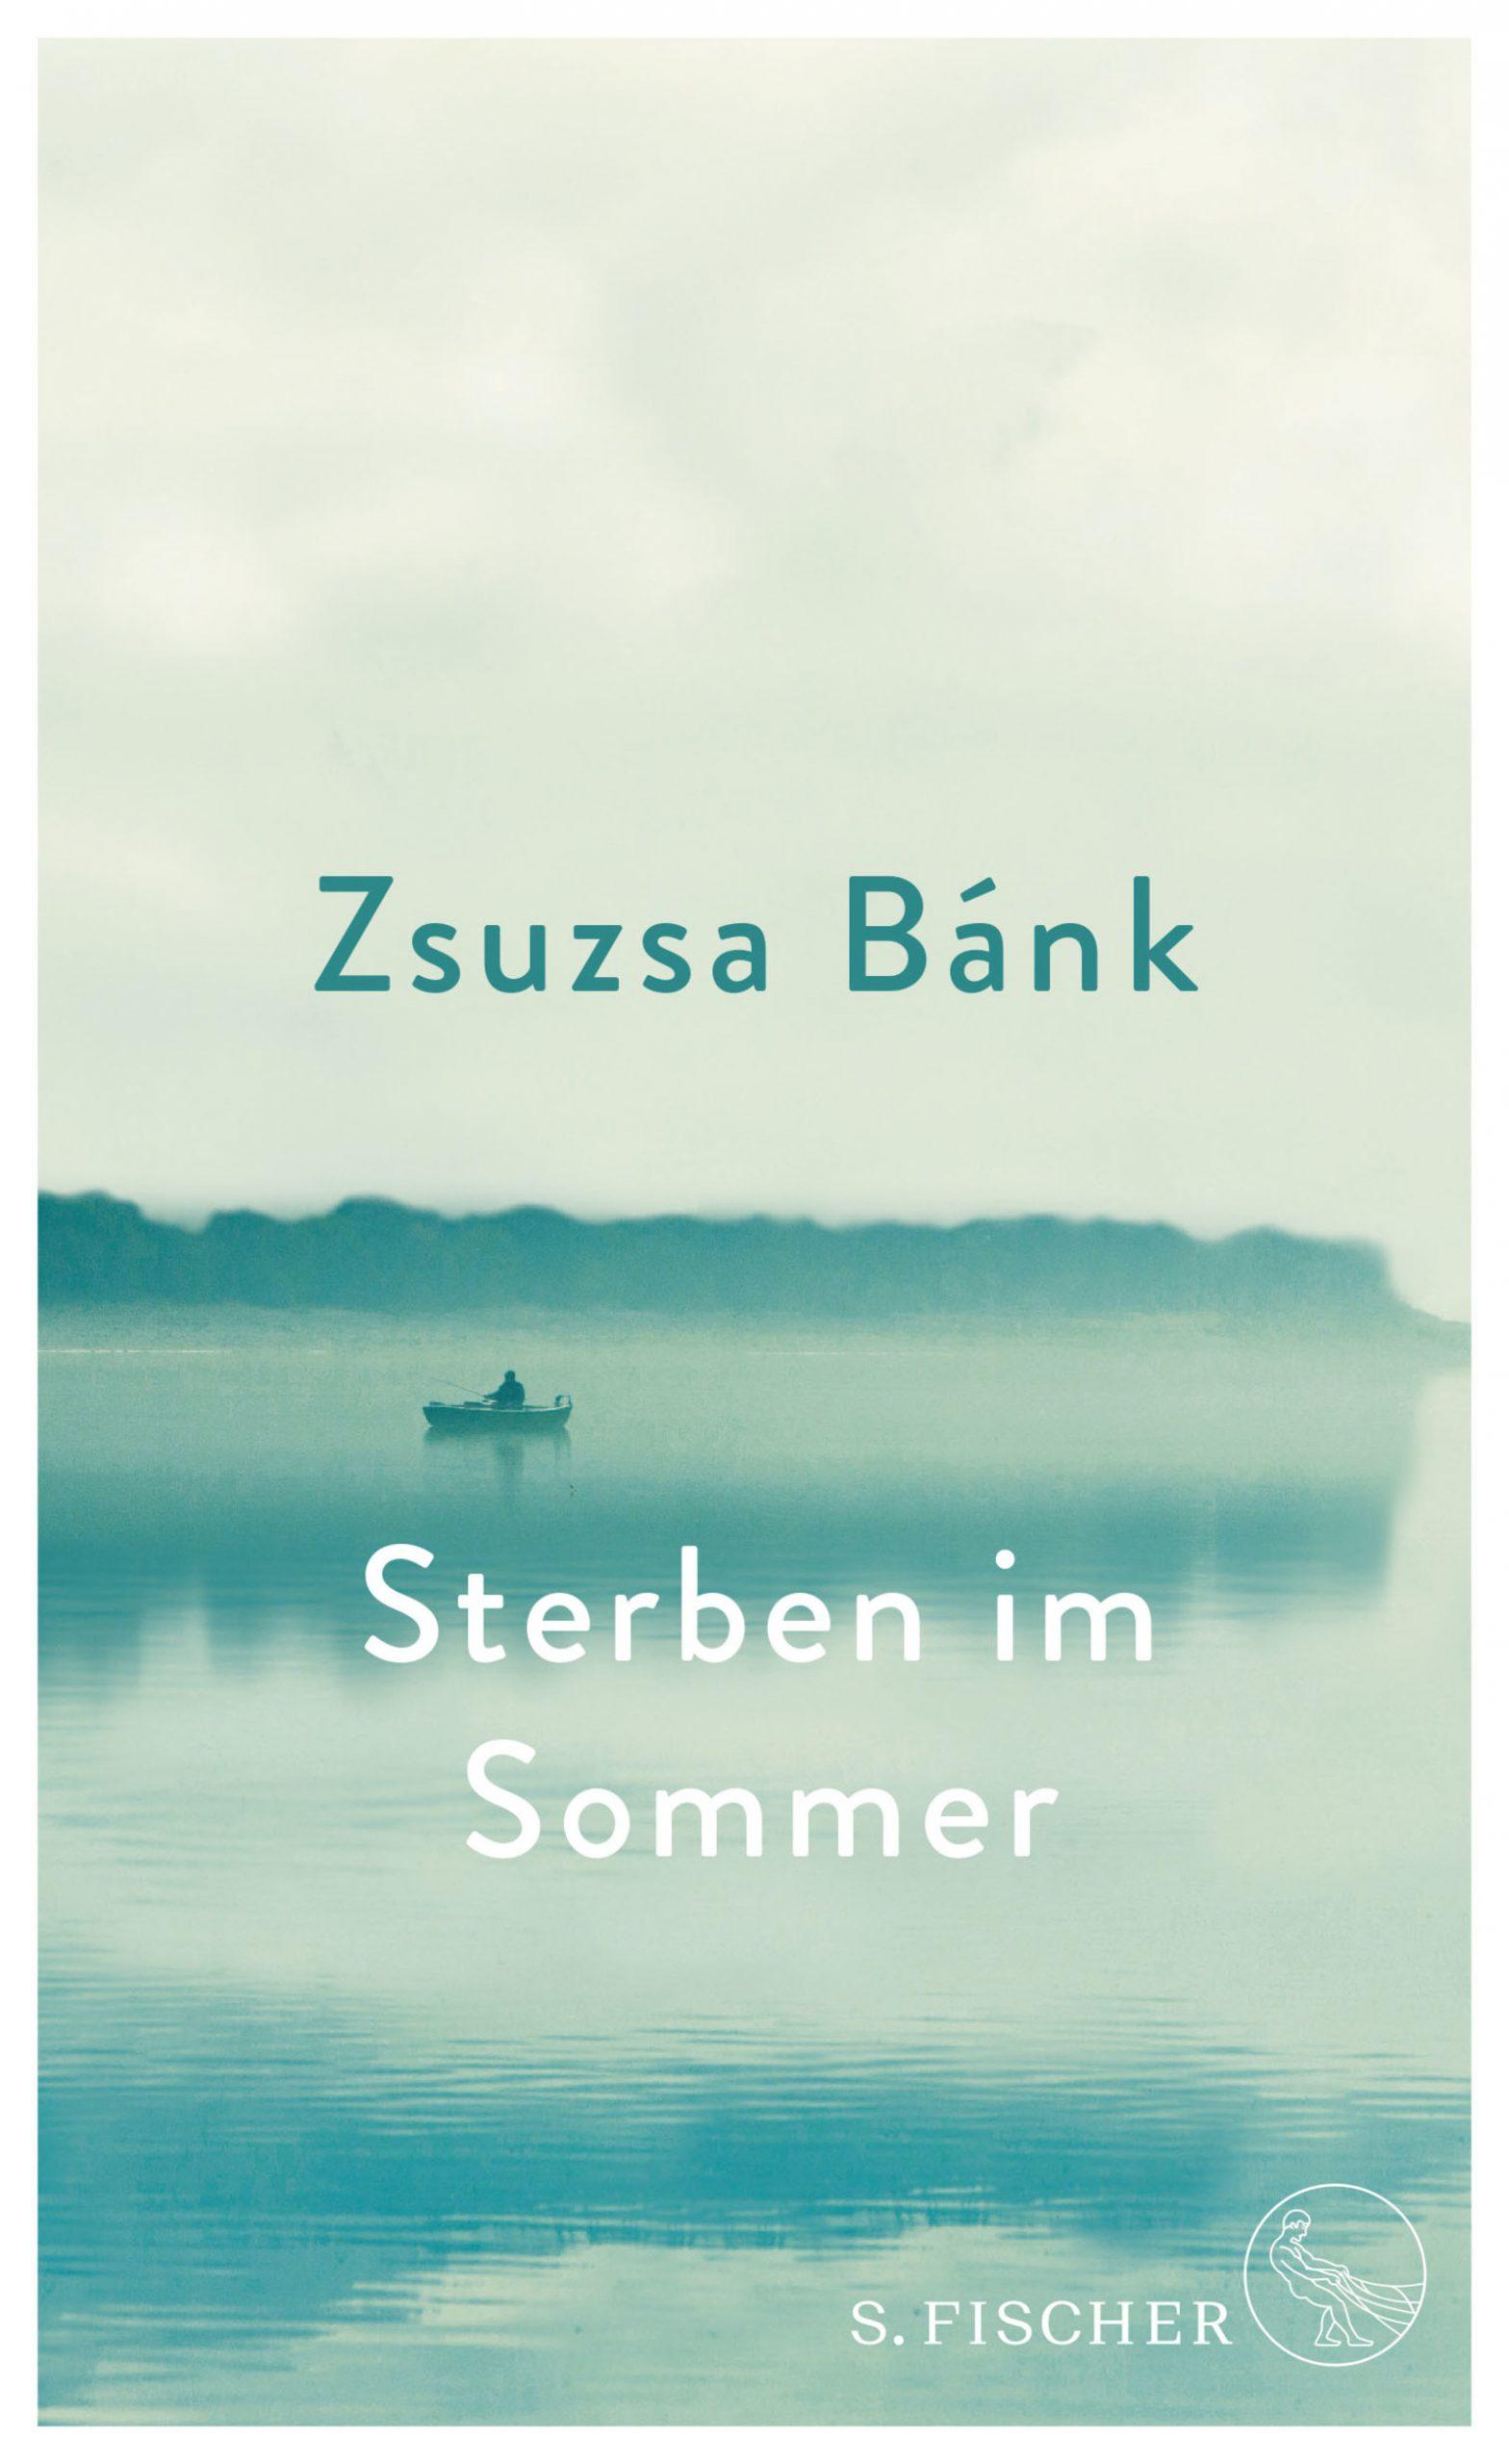 Sterben im Sommer von Zsuzsa Bánk Parkbuchhandlung Buchhandlung Bonn Bad Godesberg